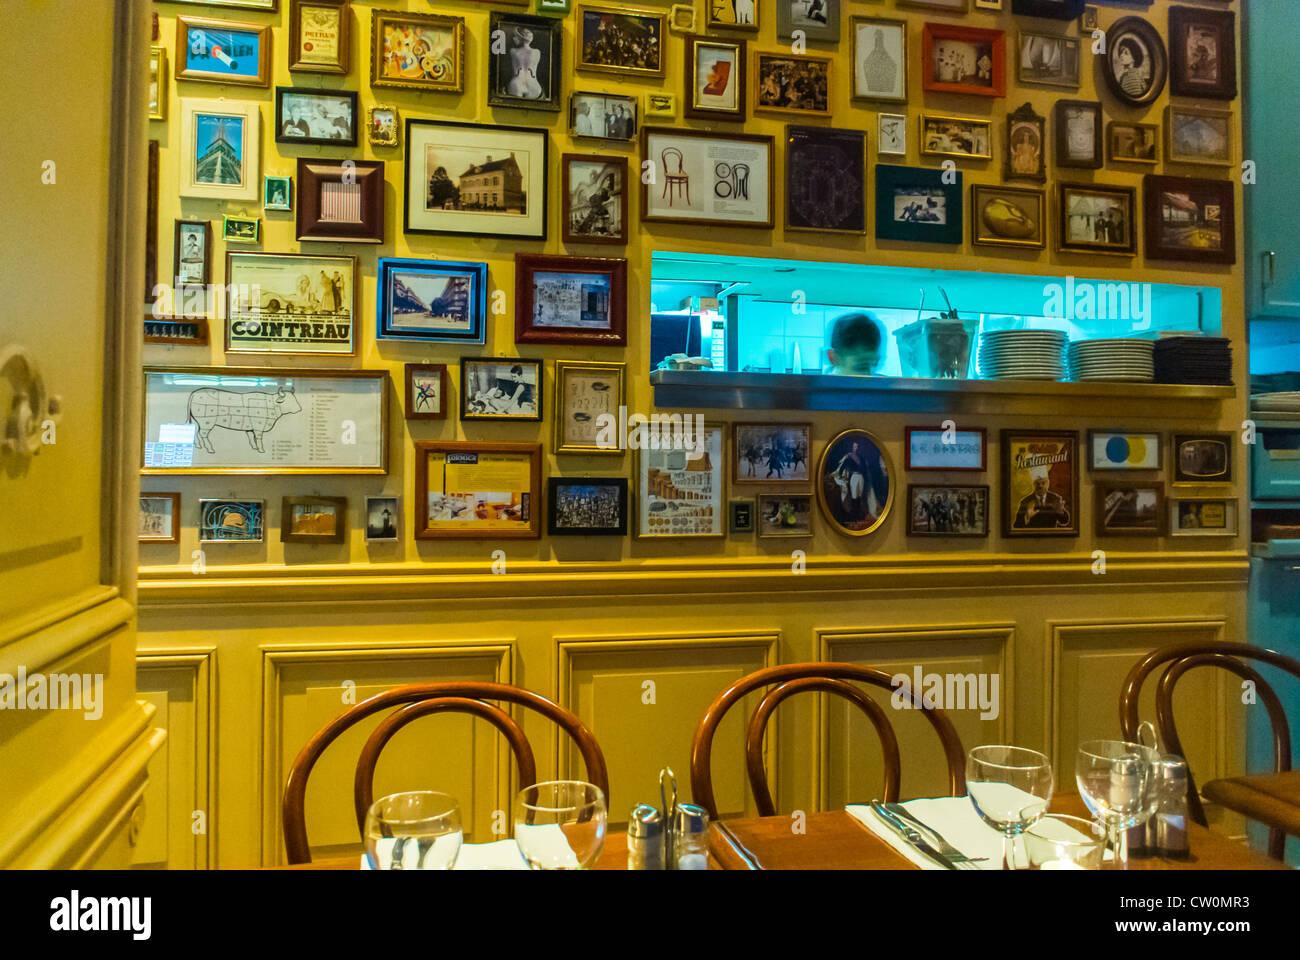 Bistro Restaurant Interior Stockfotos & Bistro Restaurant Interior ...